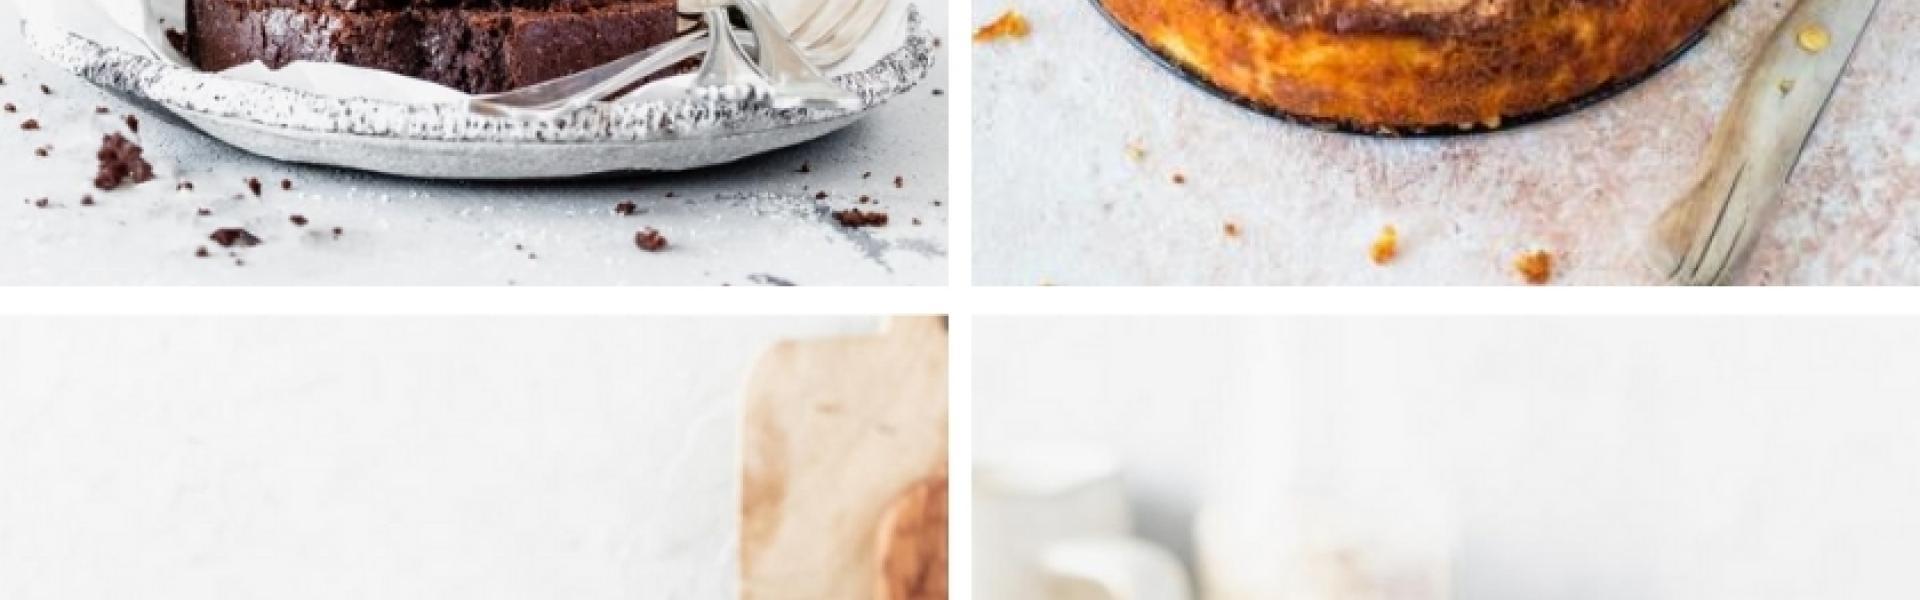 Gedeckte Kaffeetafel mit glutenfreien Kuchen